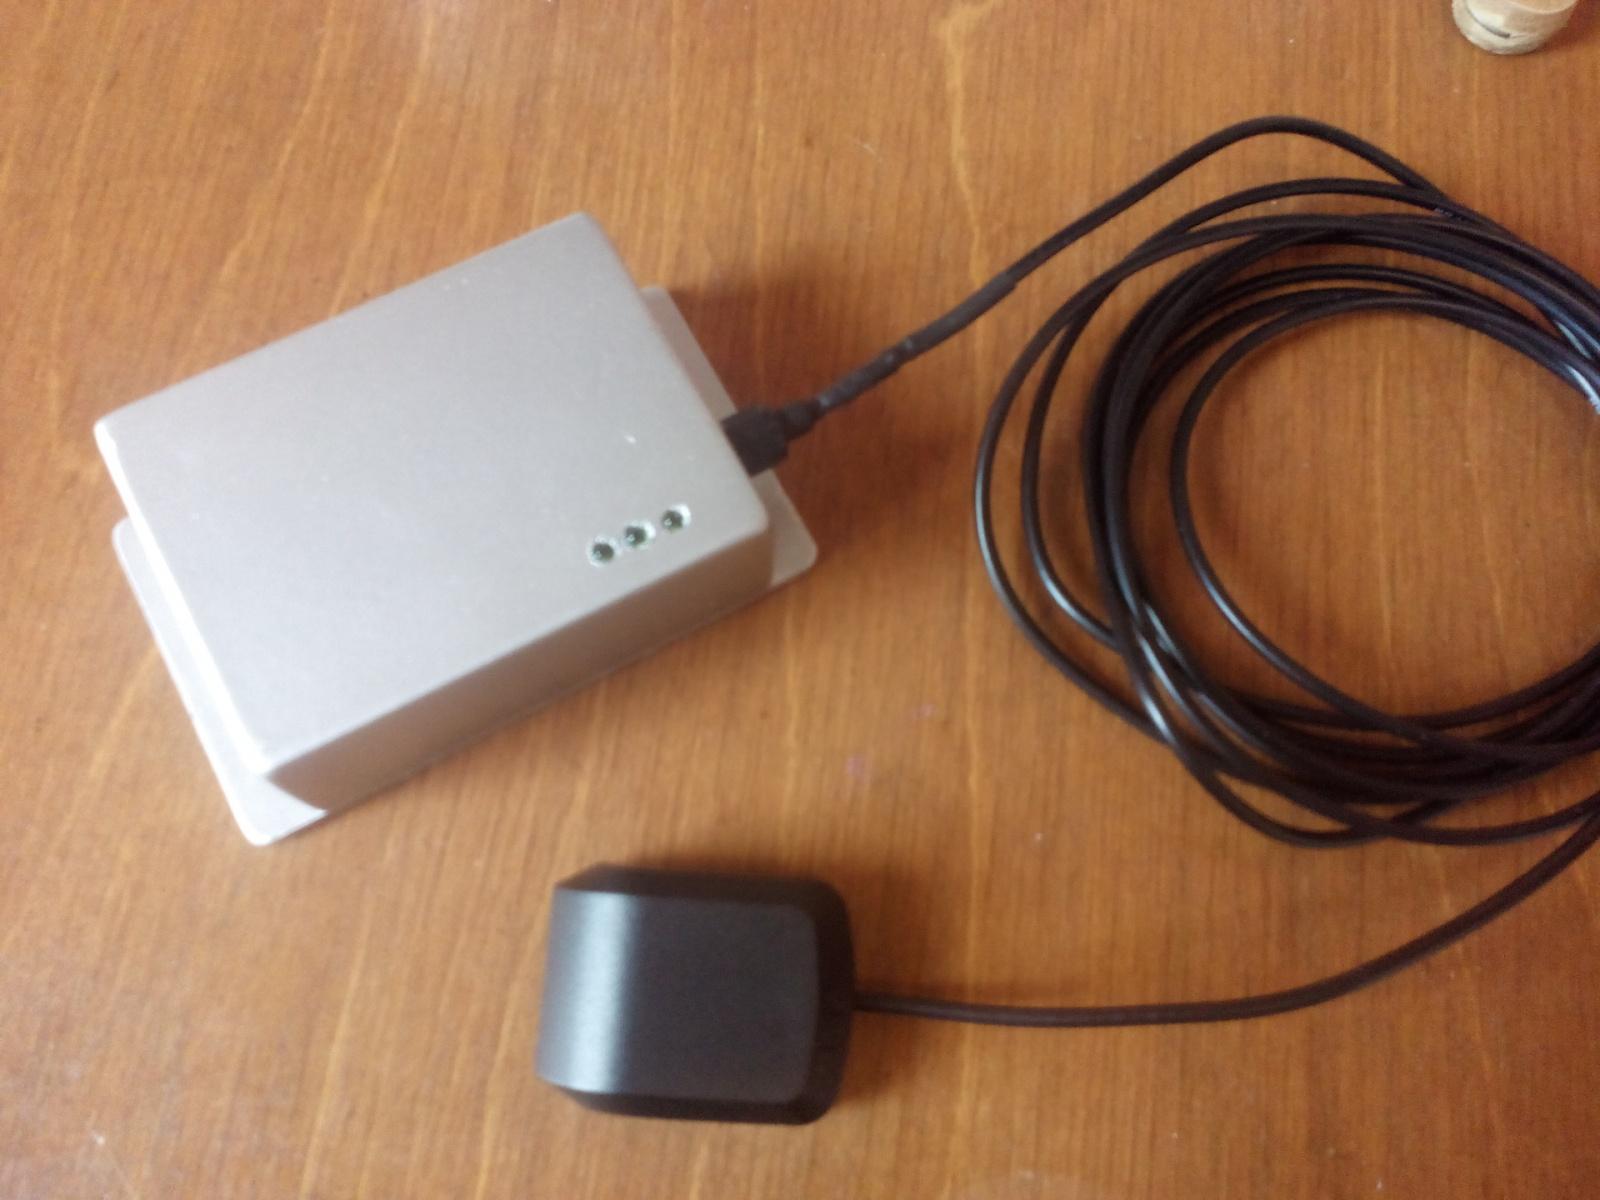 GPS трекер для автомобиля своими руками - 1